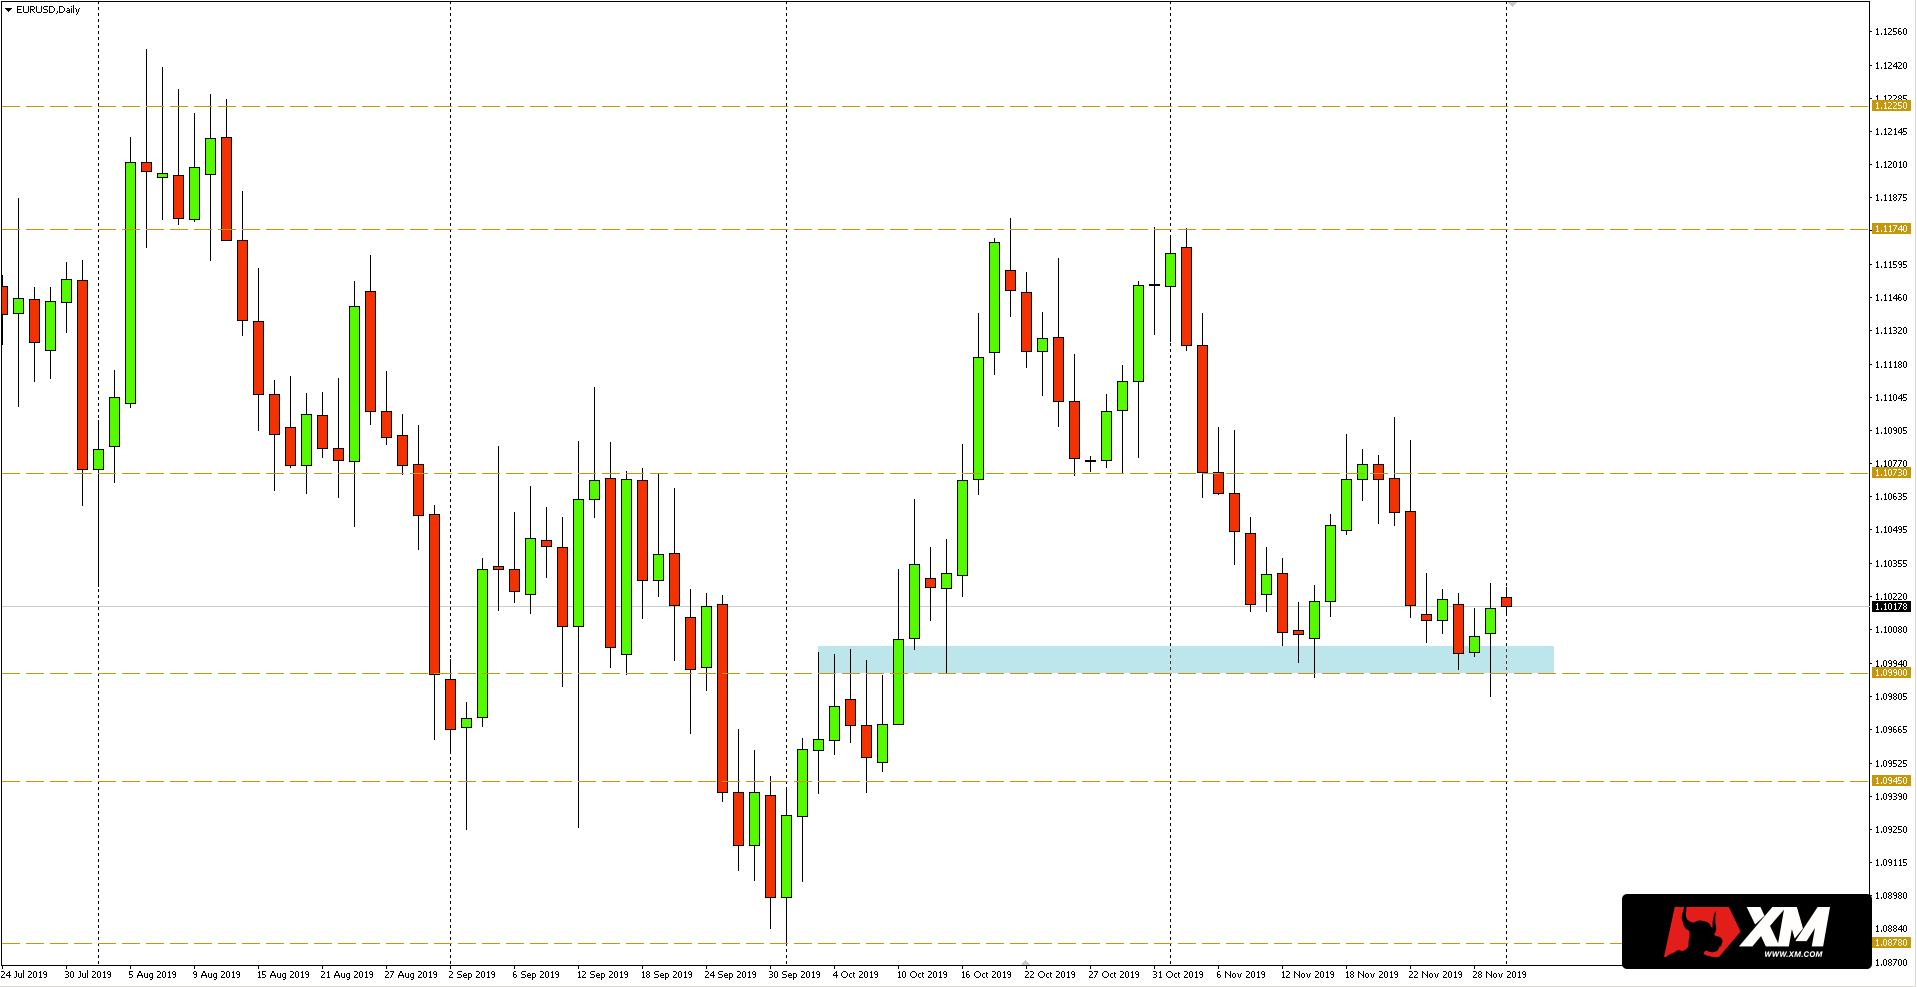 Wykres dzienny pary walutowej EURUSD - 02.12.2019 r.